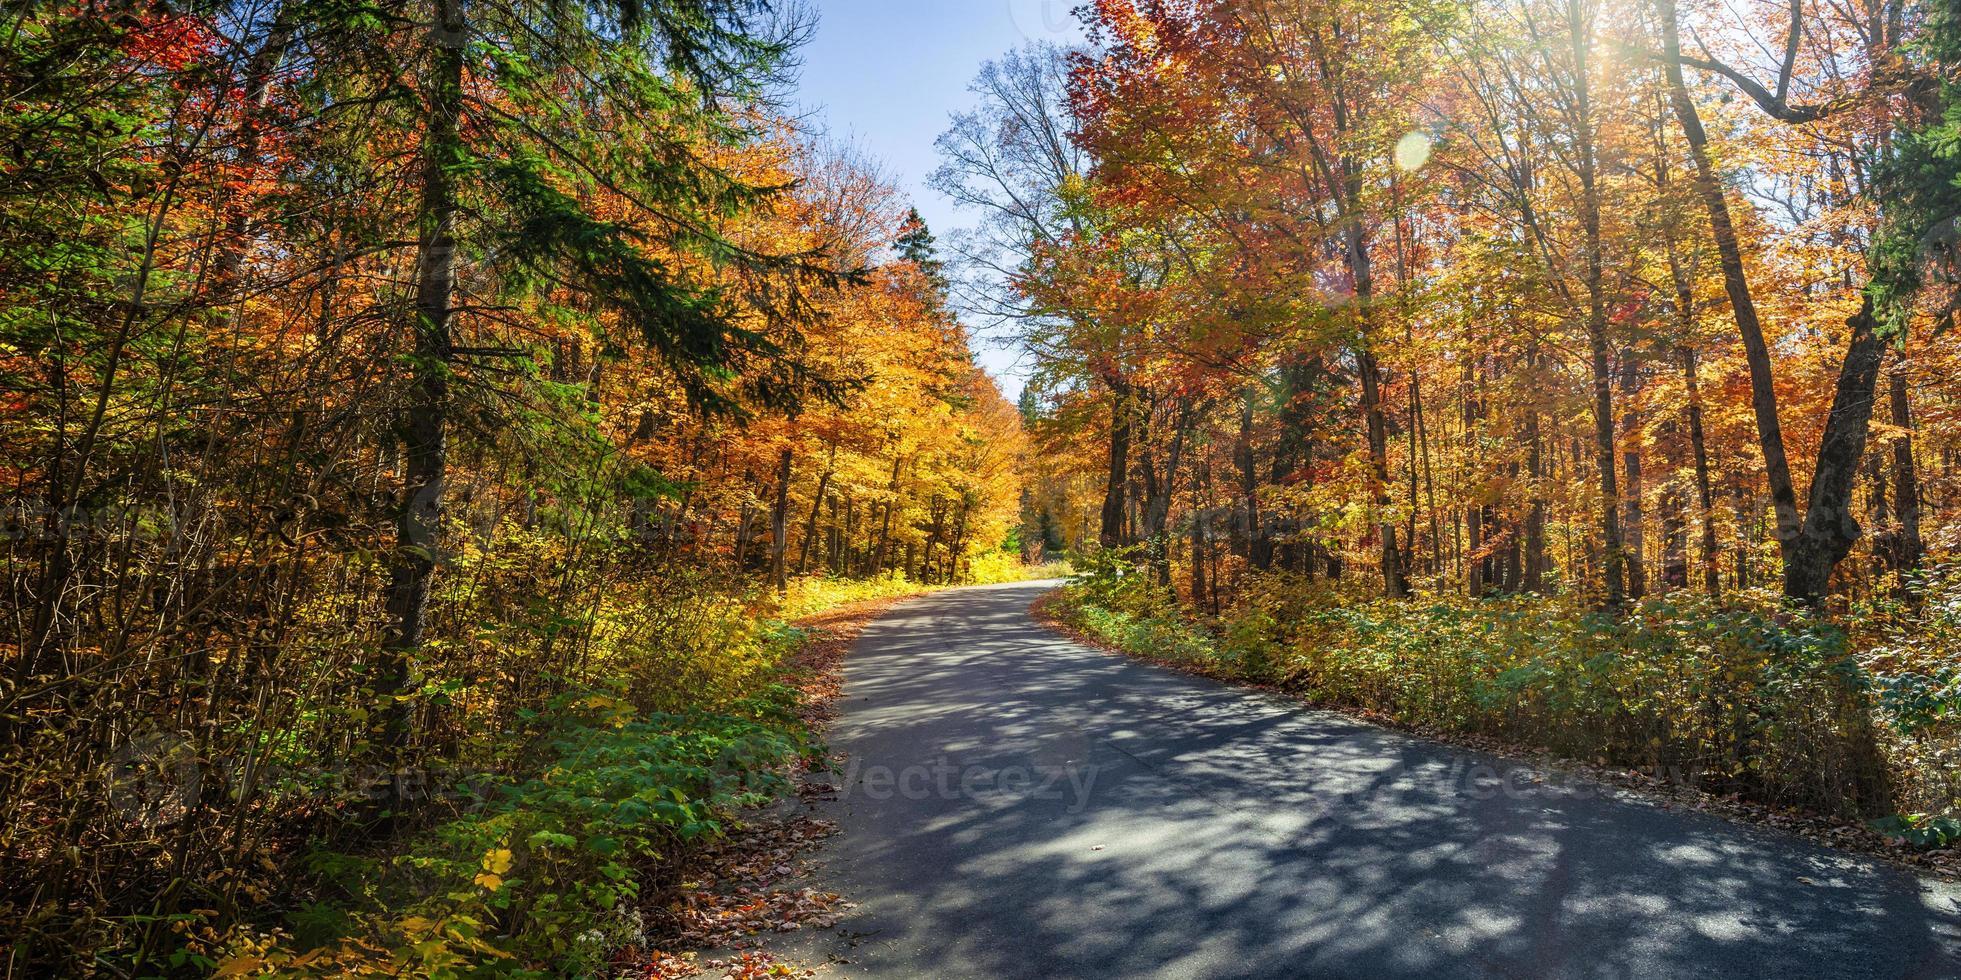 estrada na floresta de outono foto